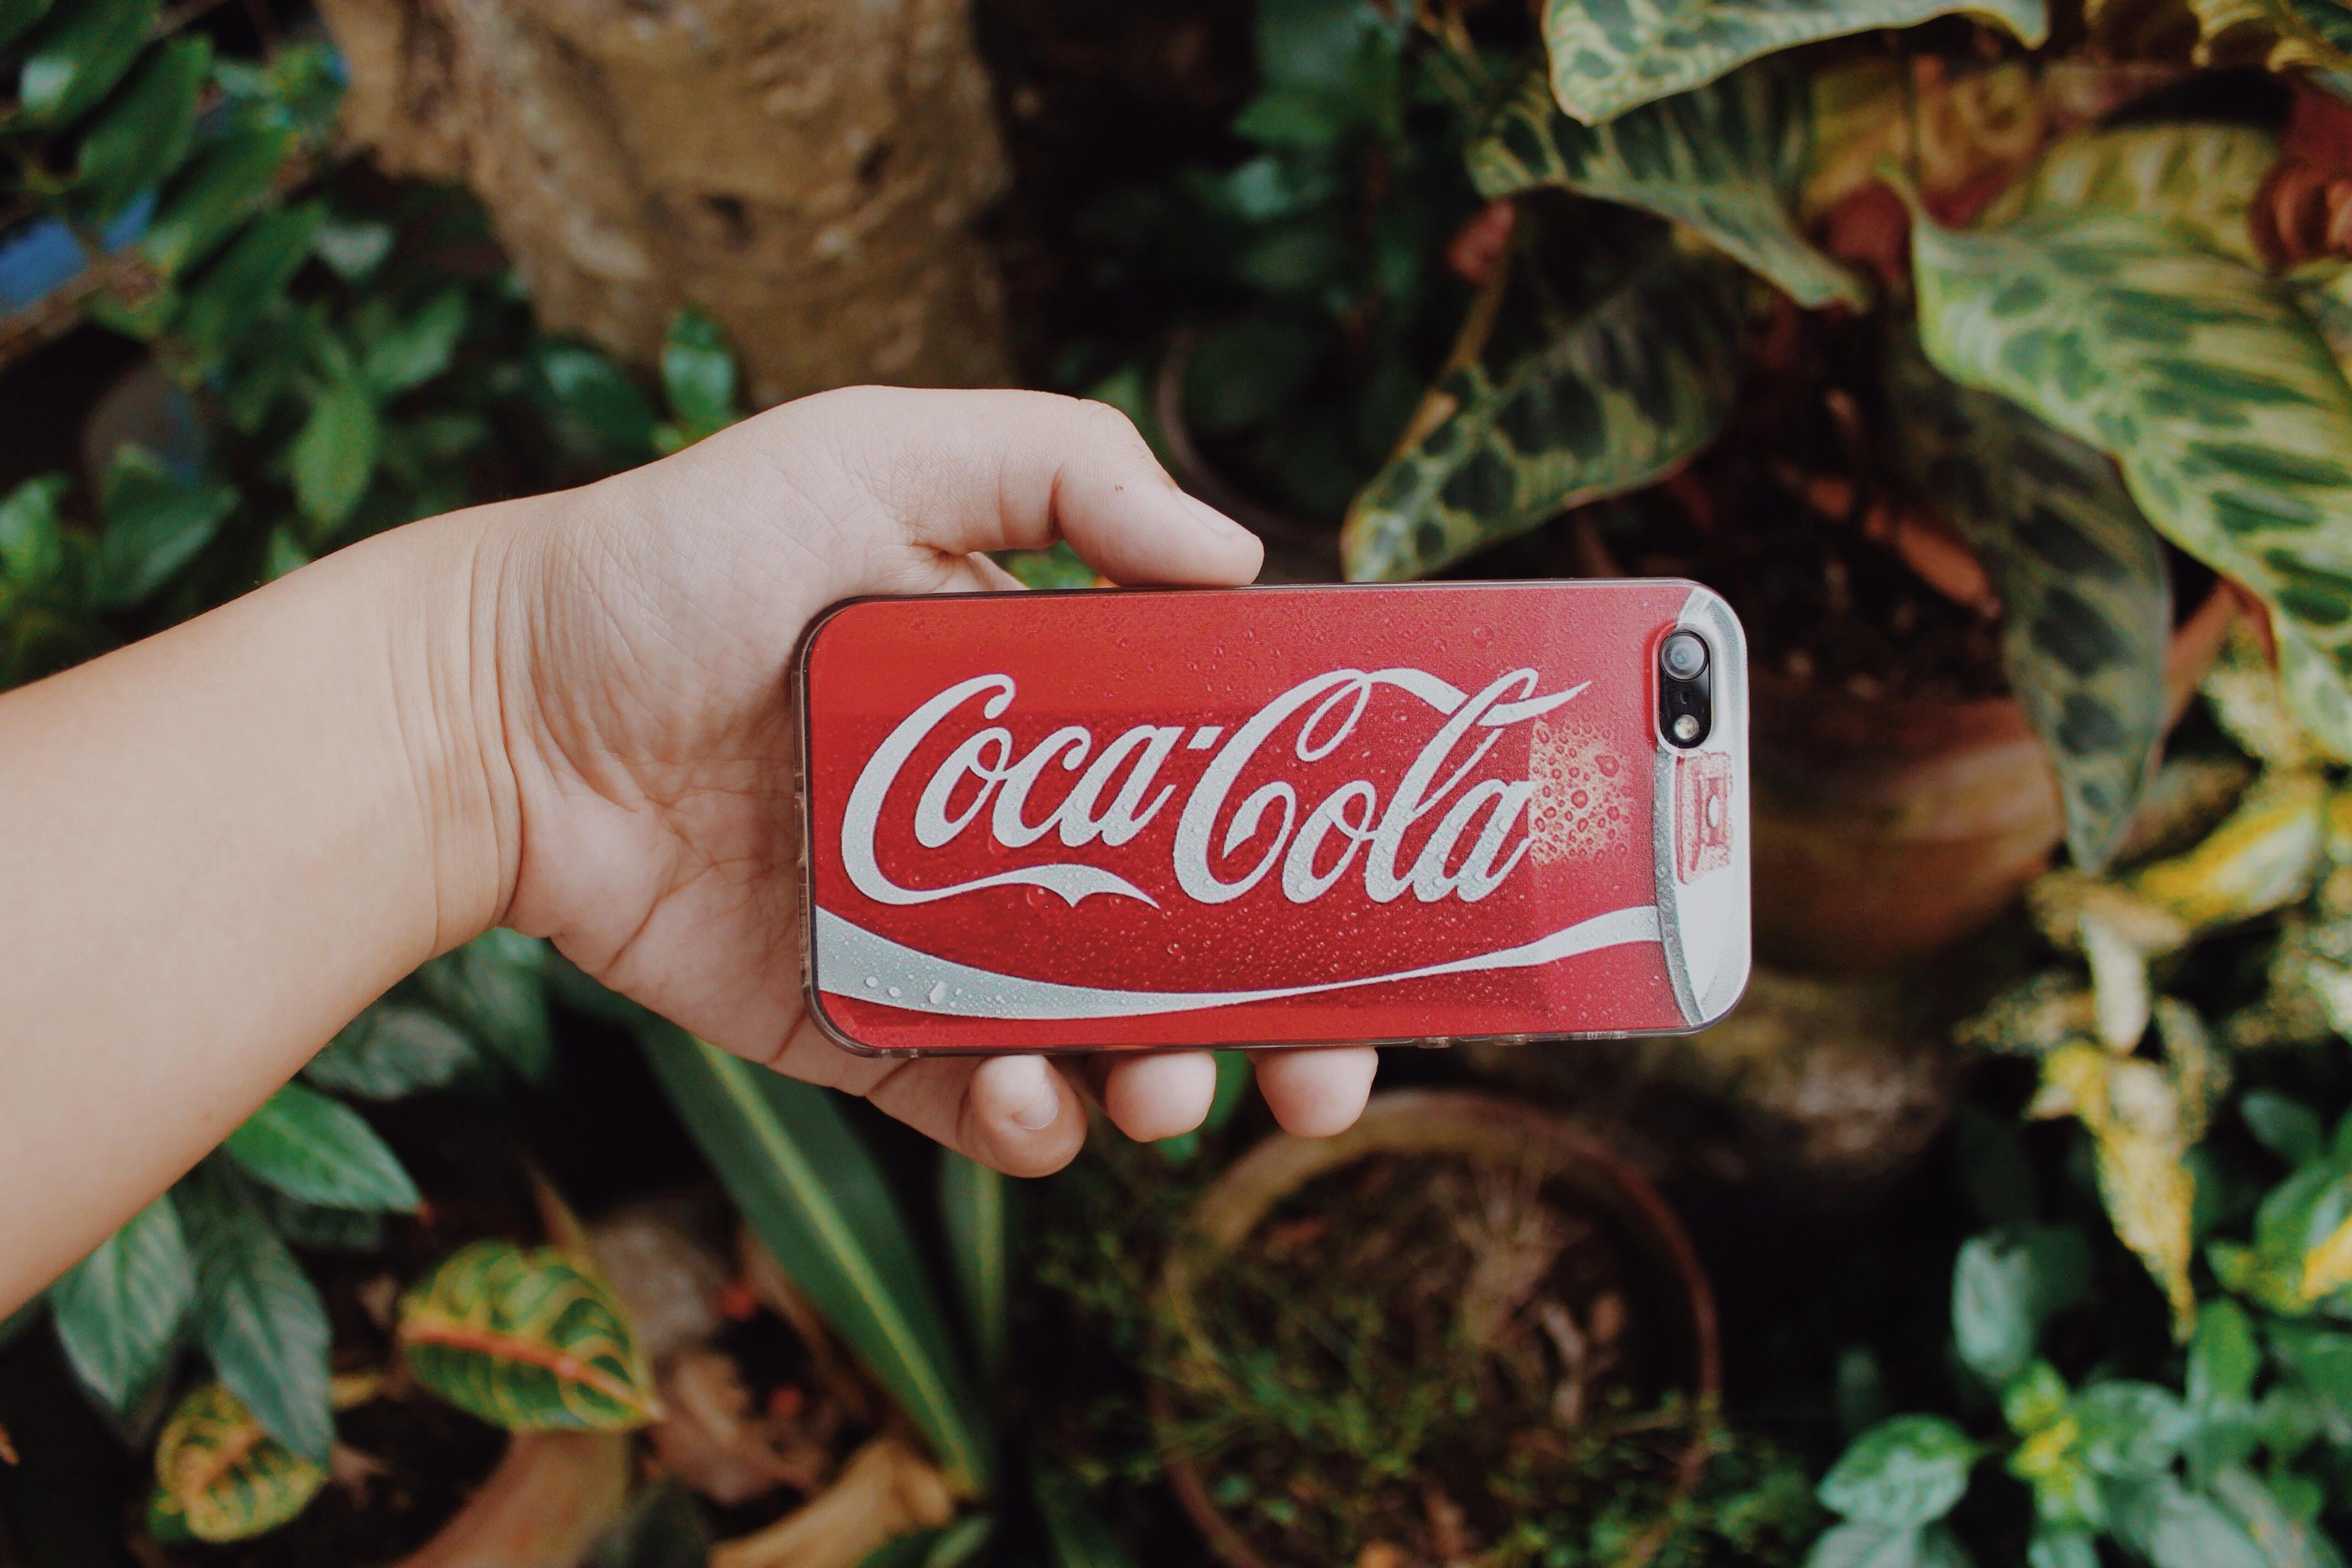 Red and White Coca-cola Smartphone Case, Business, Case, Coca cola, Color, HQ Photo